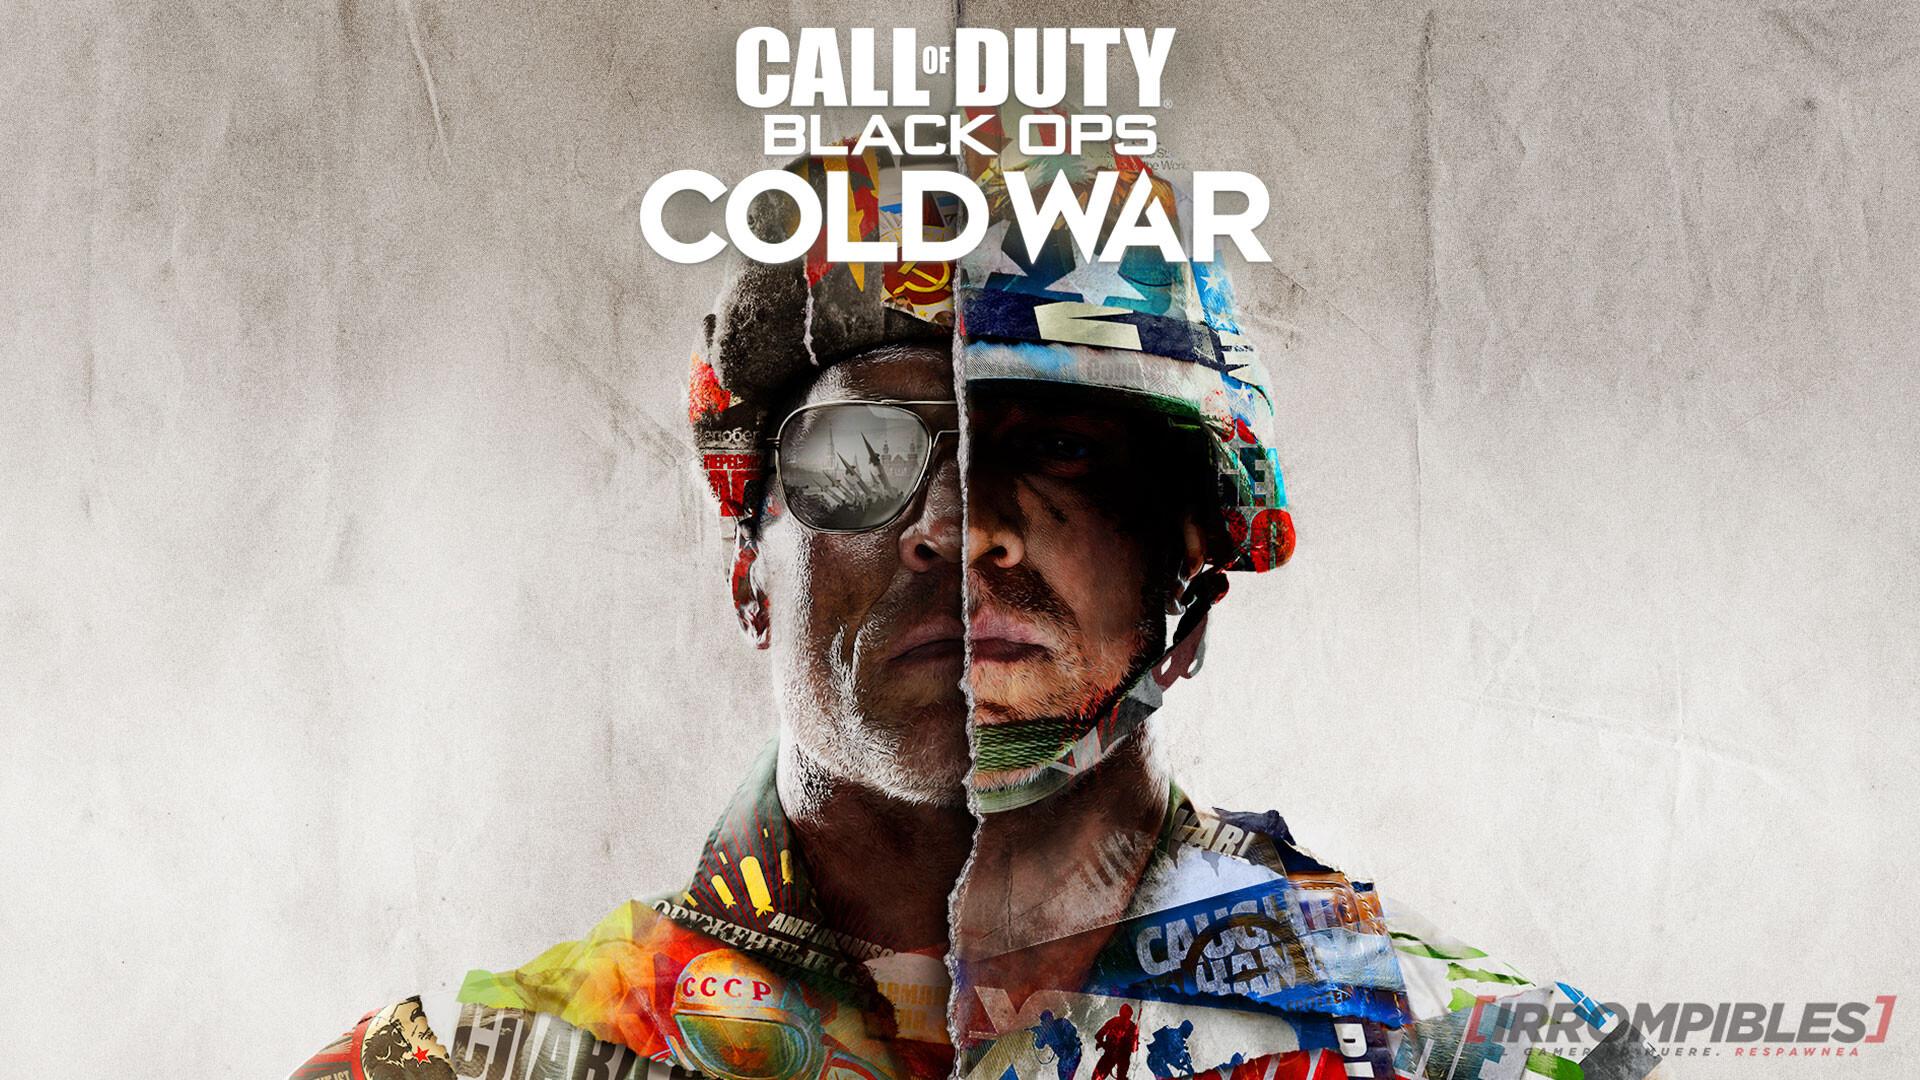 Nueva entrega de la saga, esta vez con novedades que nos encantaron y un título más largo que la propia campaña: Call of Duty: Black Ops Cold War head